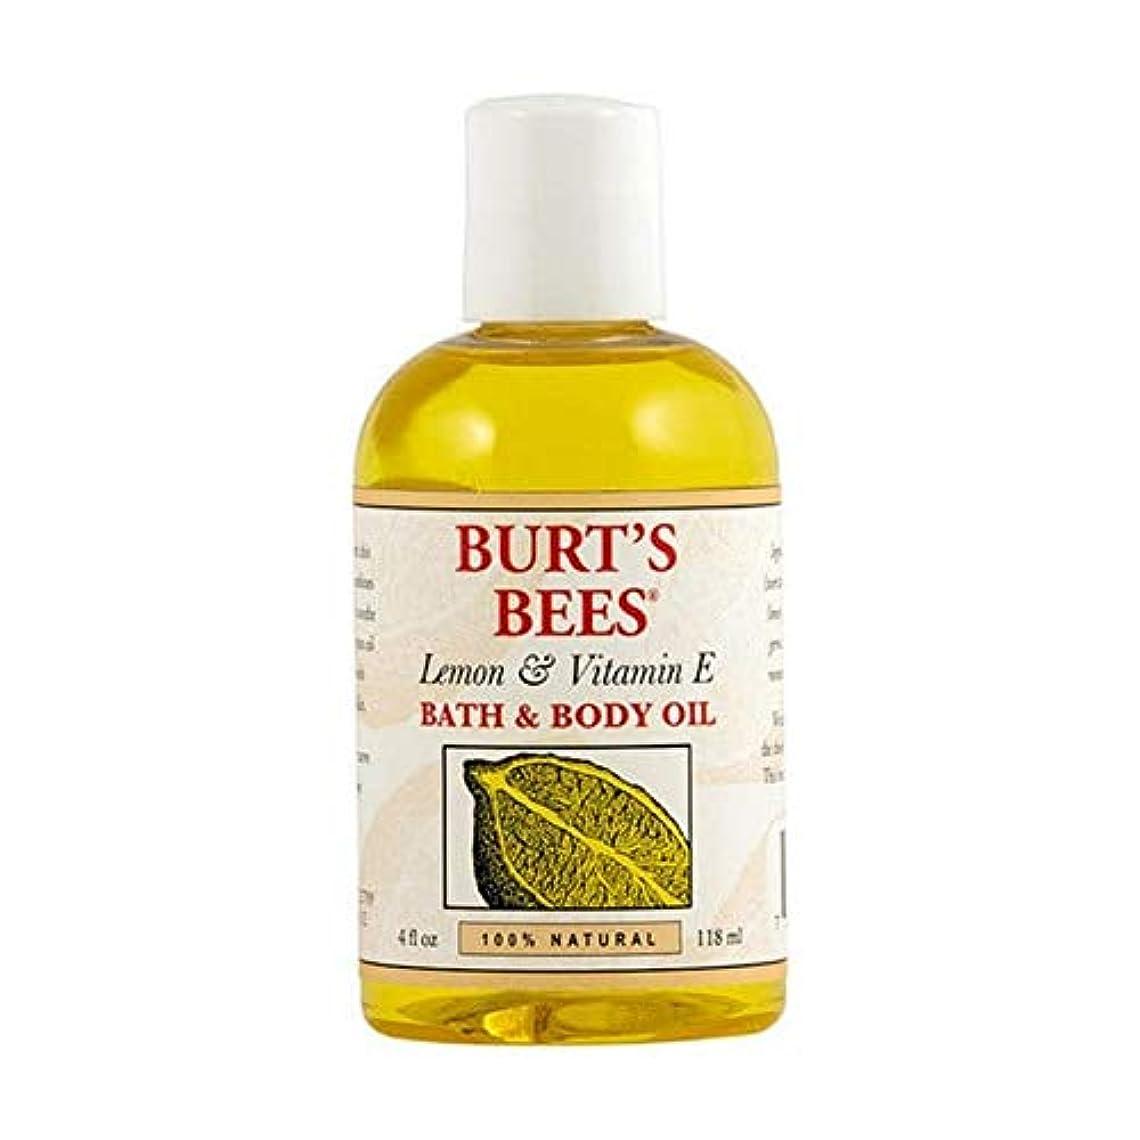 安全な品頂点[Burt's Bees ] バーツビーレモンとビタミンE体とバスオイル115ミリリットル - Burt's Bees Lemon and Vitamin E Body and Bath Oil 115ml [並行輸入品]